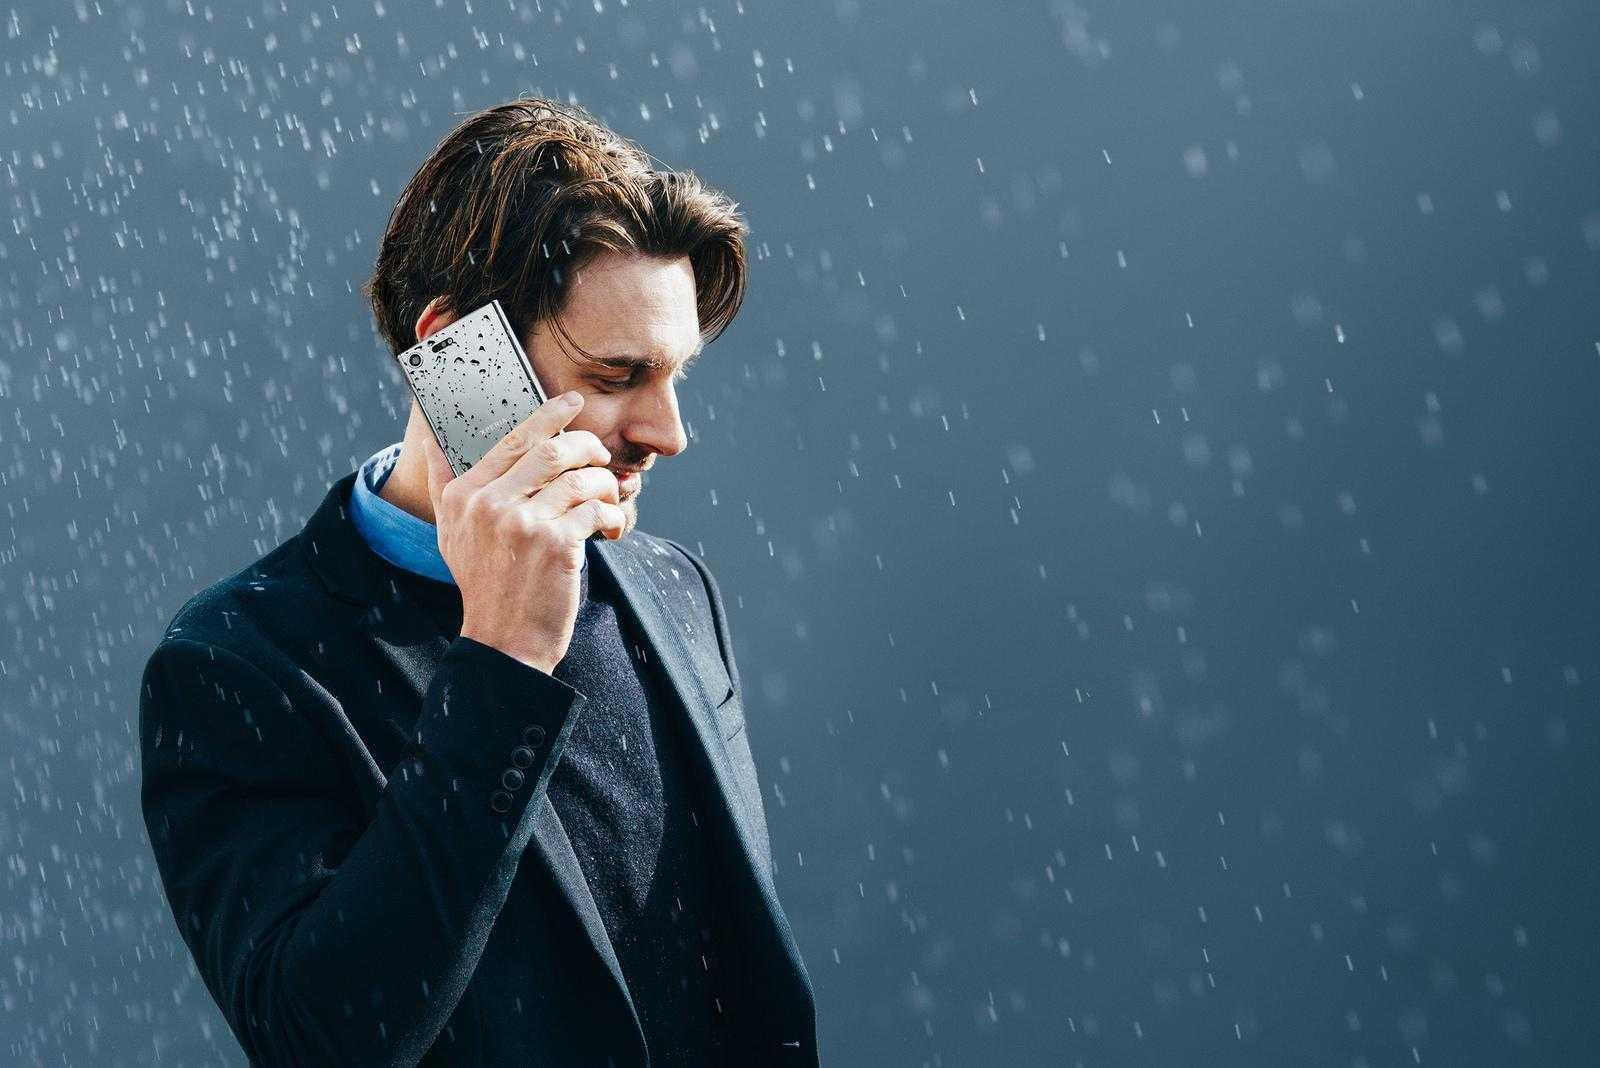 Xperia XZ Premium 15 - Sony совместно с Виктором Гинзбургом представила Super Slow Motion фильм